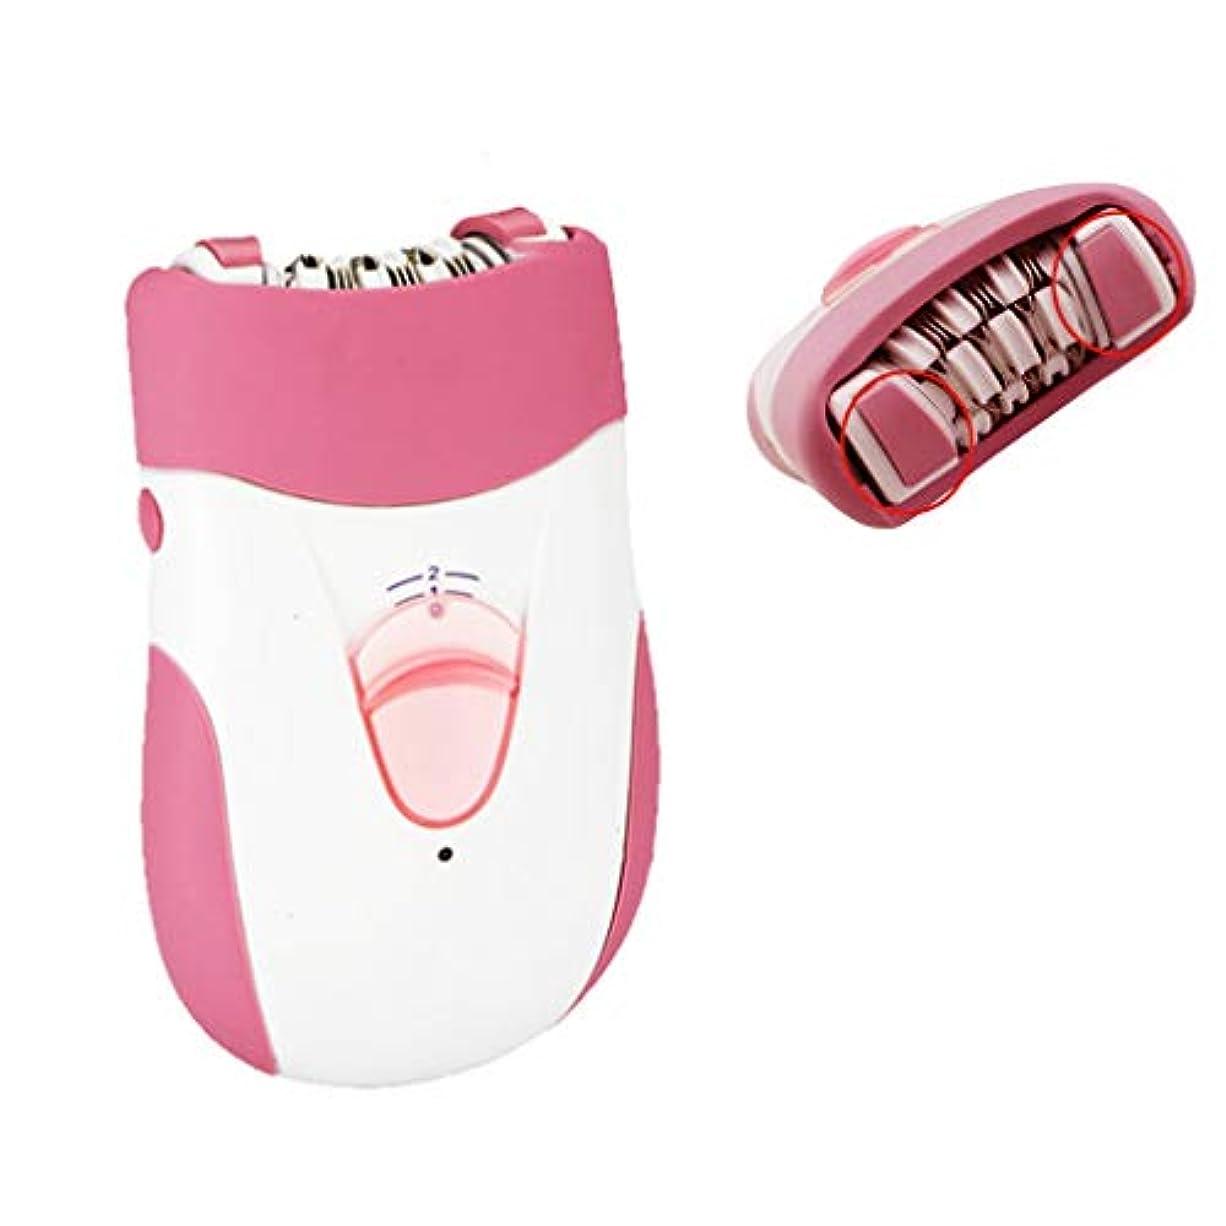 震えるアクセス好き女性用電気シェーバー充電式脱毛器シェーバー脱毛式かみそり、洗える、脇の下、脚、腕などに適しています。,Pink